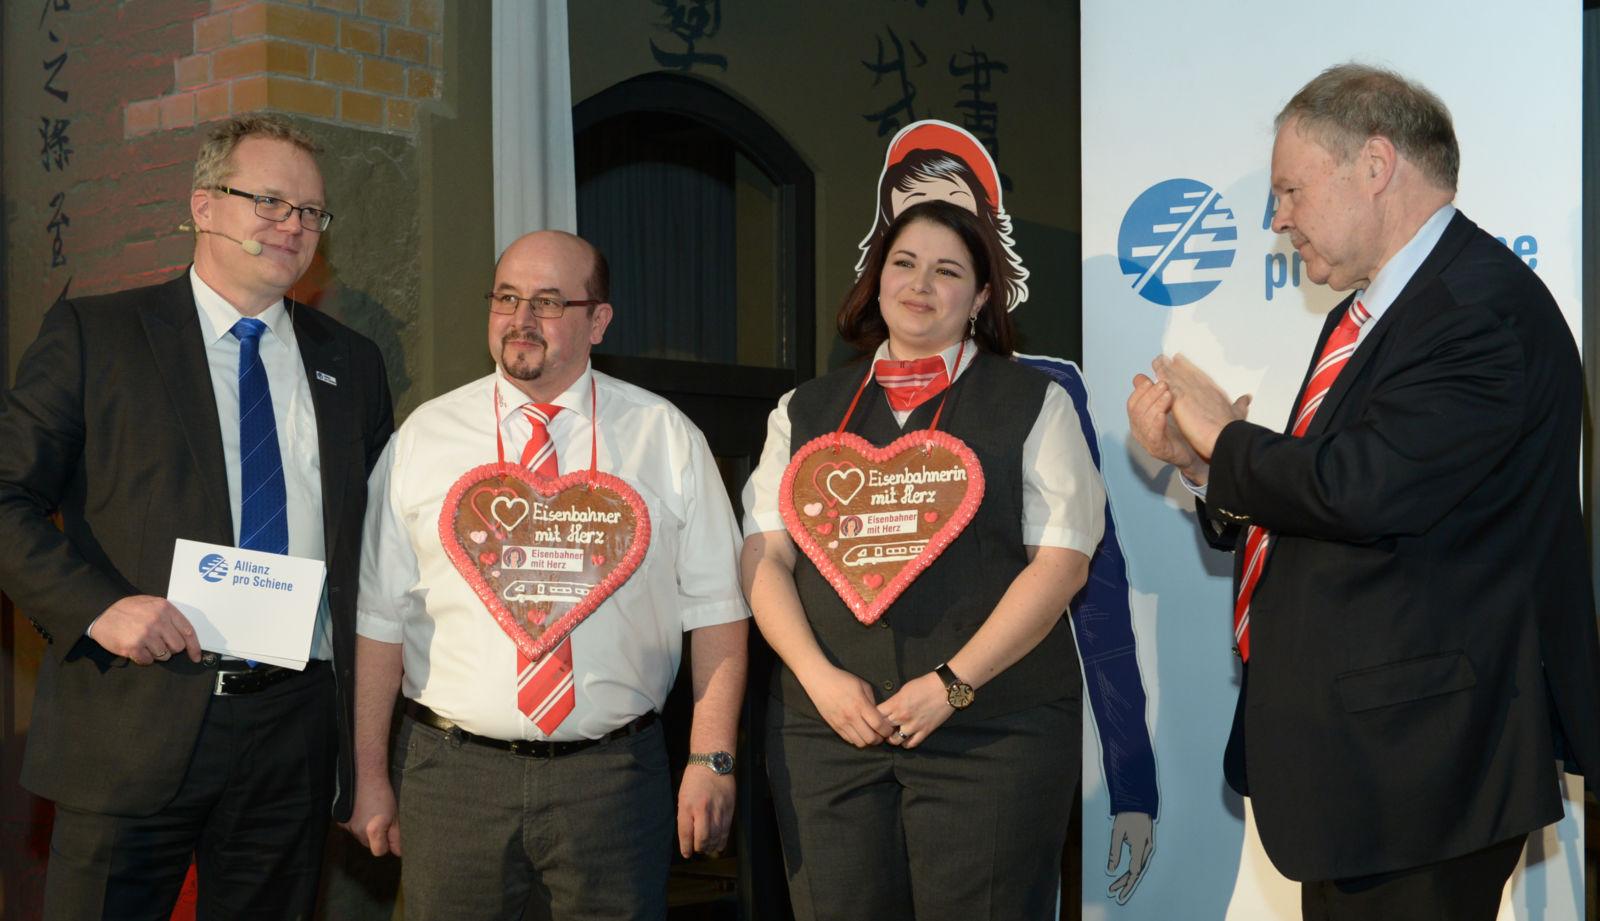 Die Gold-Sieger: Dirk Lotte und Maria Voigt mit Allianz pro Schiene Geschäftsführer Dirk Flege (links) und Jury-Mitglied Karl-Peter Naumann (rechts)